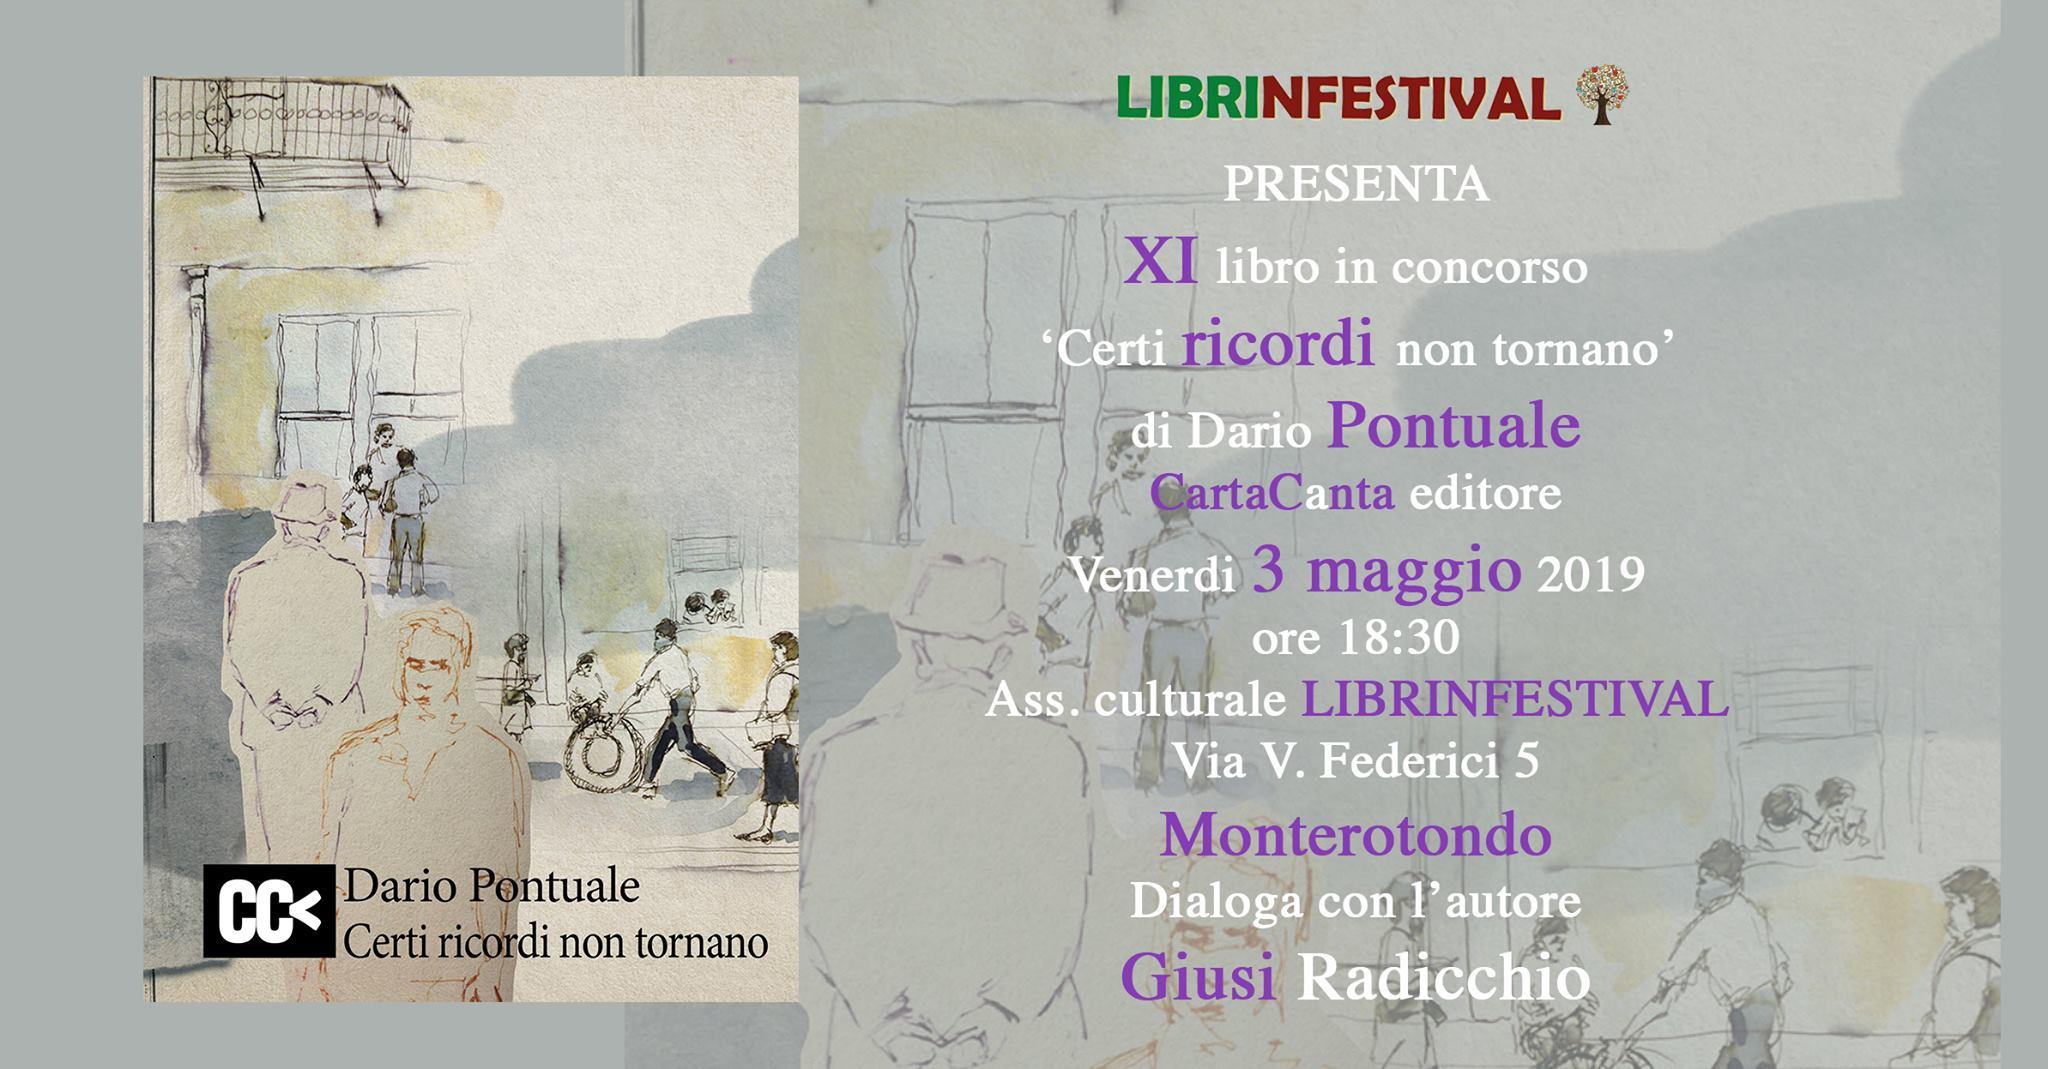 Dario Pontuale, Certi ricordi non tornano, Caratcanta Editore, #Librinfestival,